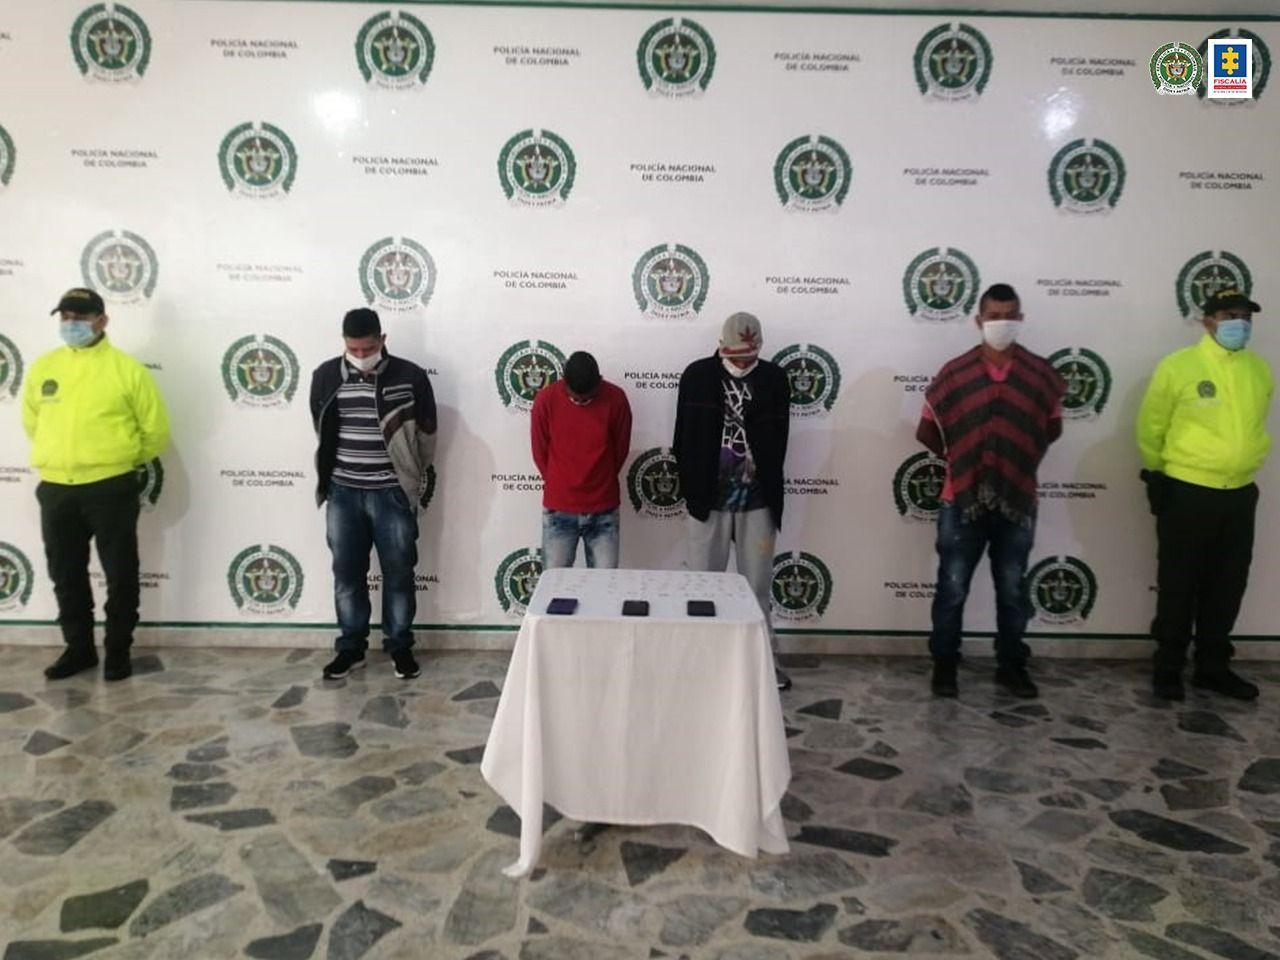 Condenados tres integrantes de la organización delincuencial 'Los Sureños' por tráfico de estupefacientes